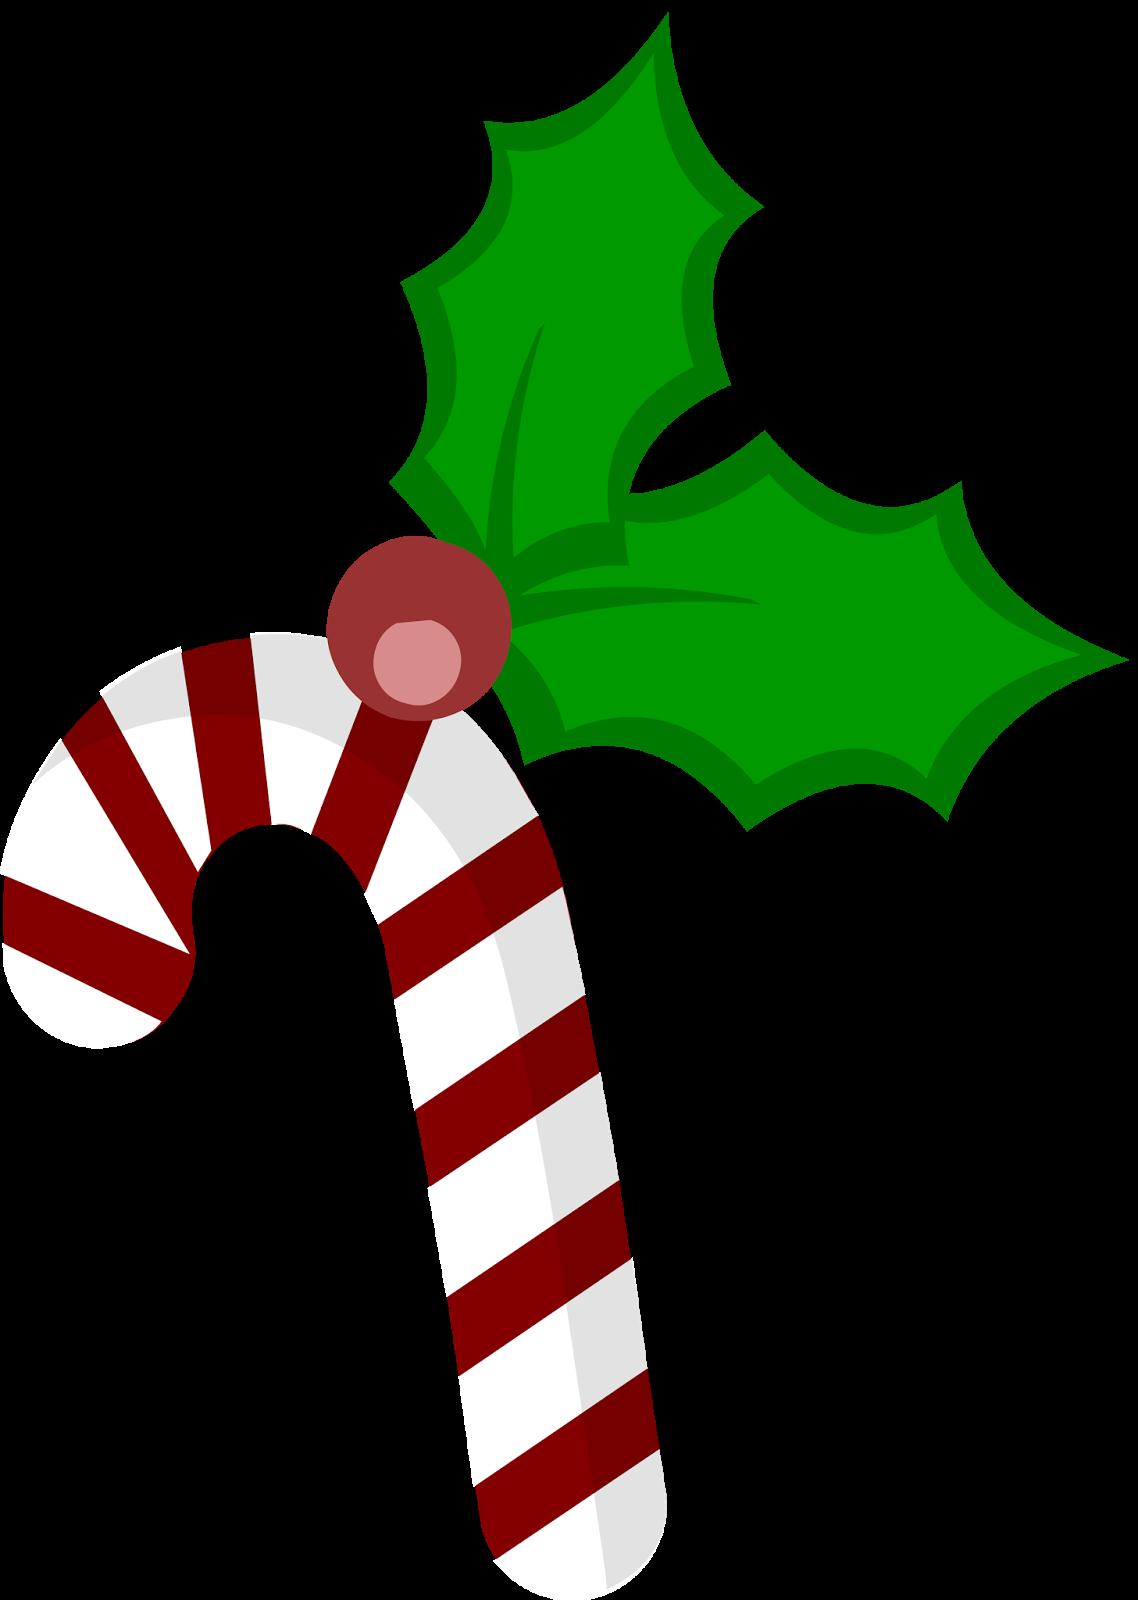 Cosas navidad fans de mundo gaturro con anto226 - Objetos de navidad ...